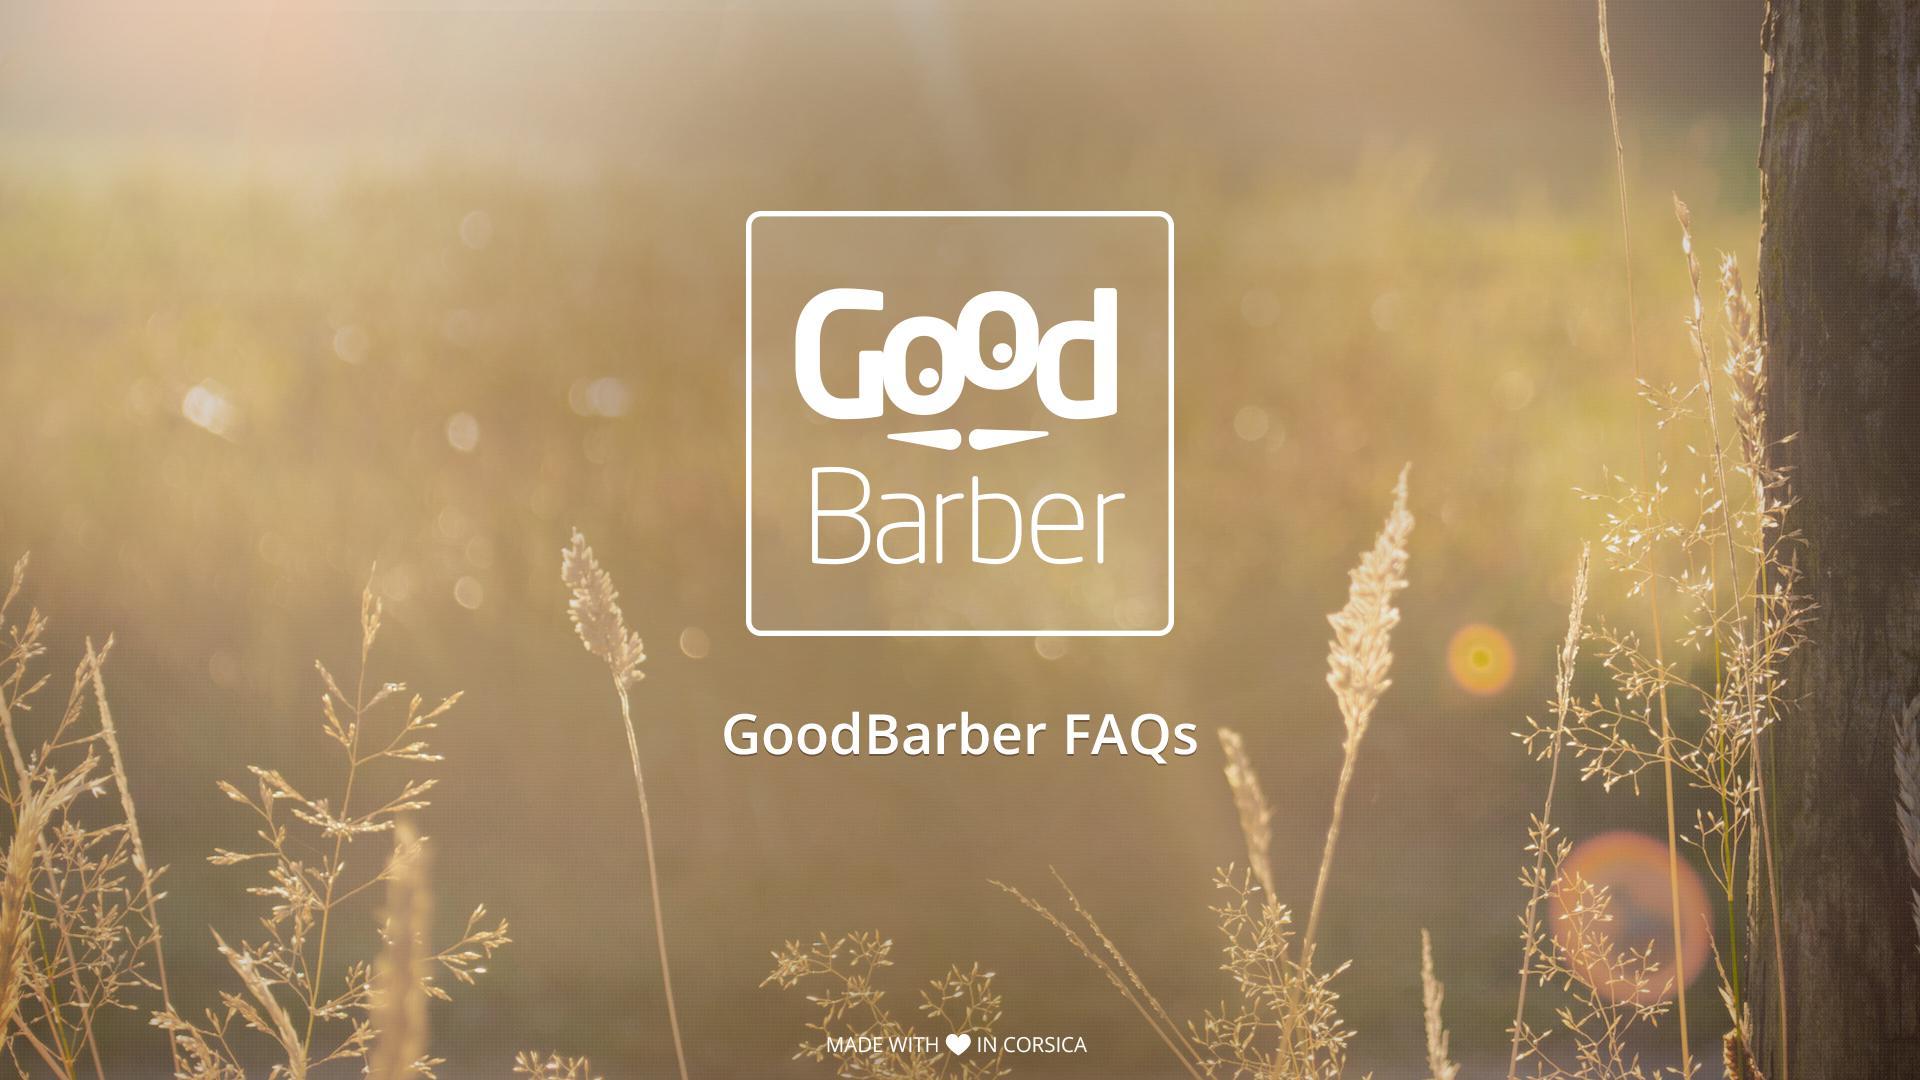 GoodBarber FAQs sobre el desarrollo de una aplicación móvil #1